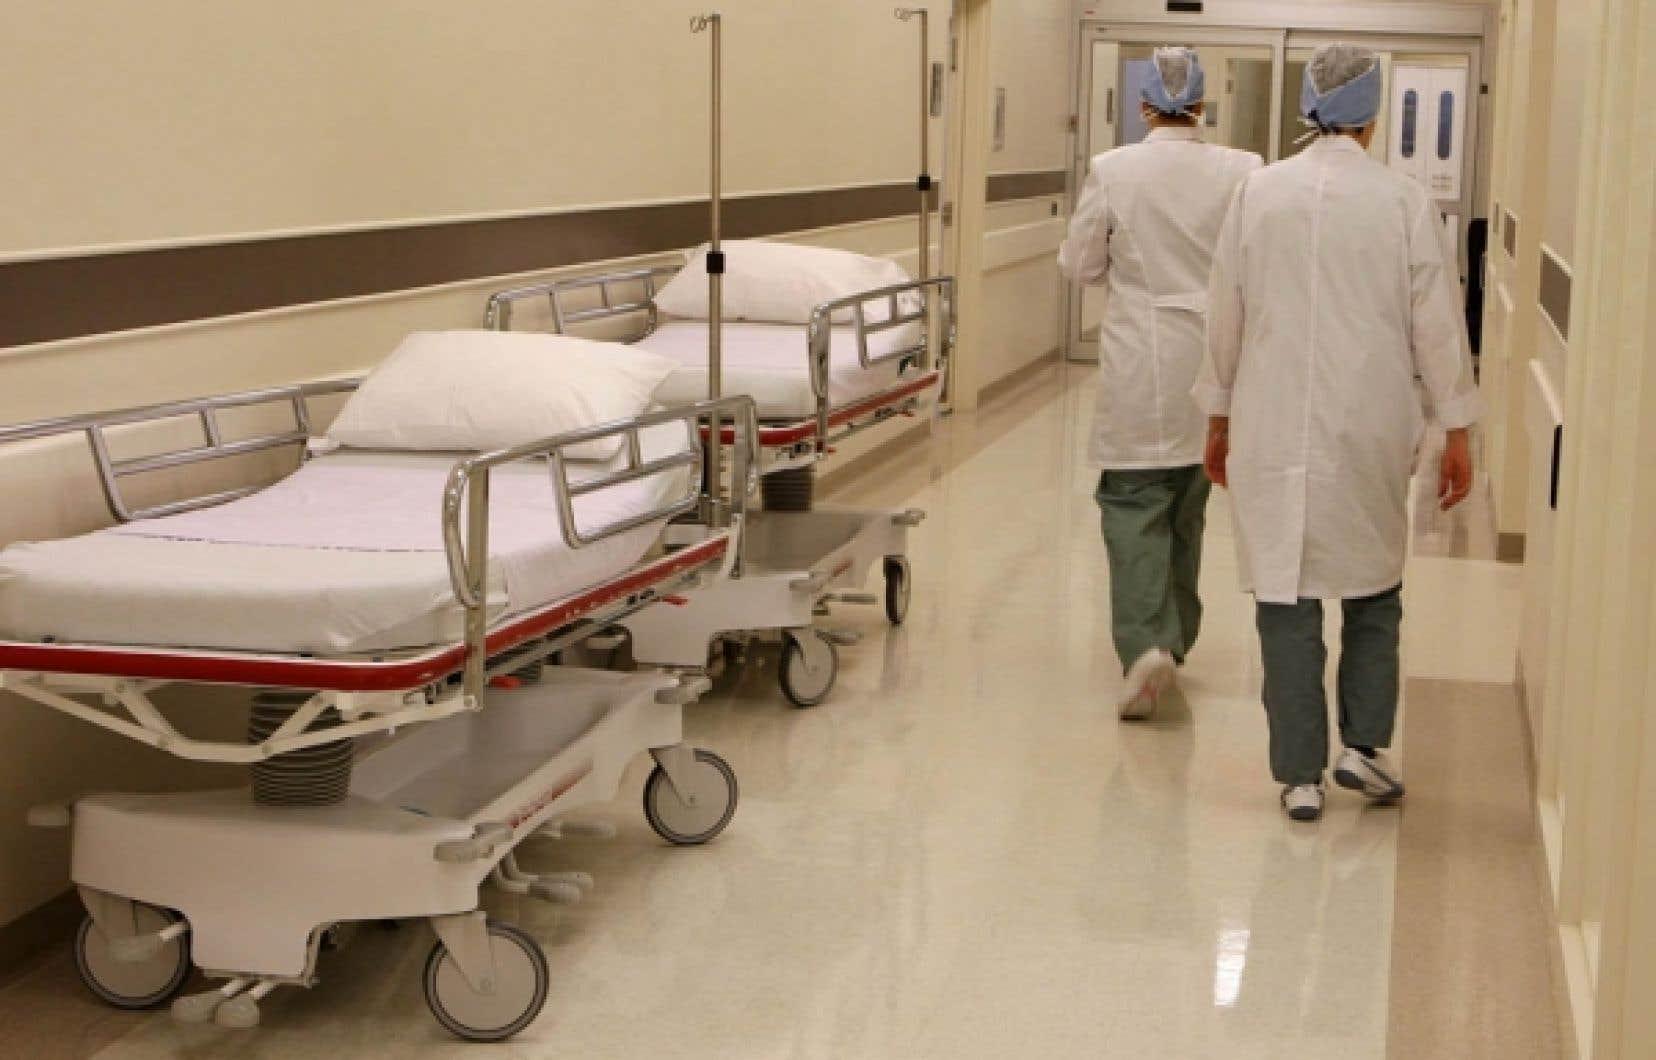 C'est la première année que de telles données sur les erreurs médicales survenues dans les établissements de santé au Québec seront disponibles.